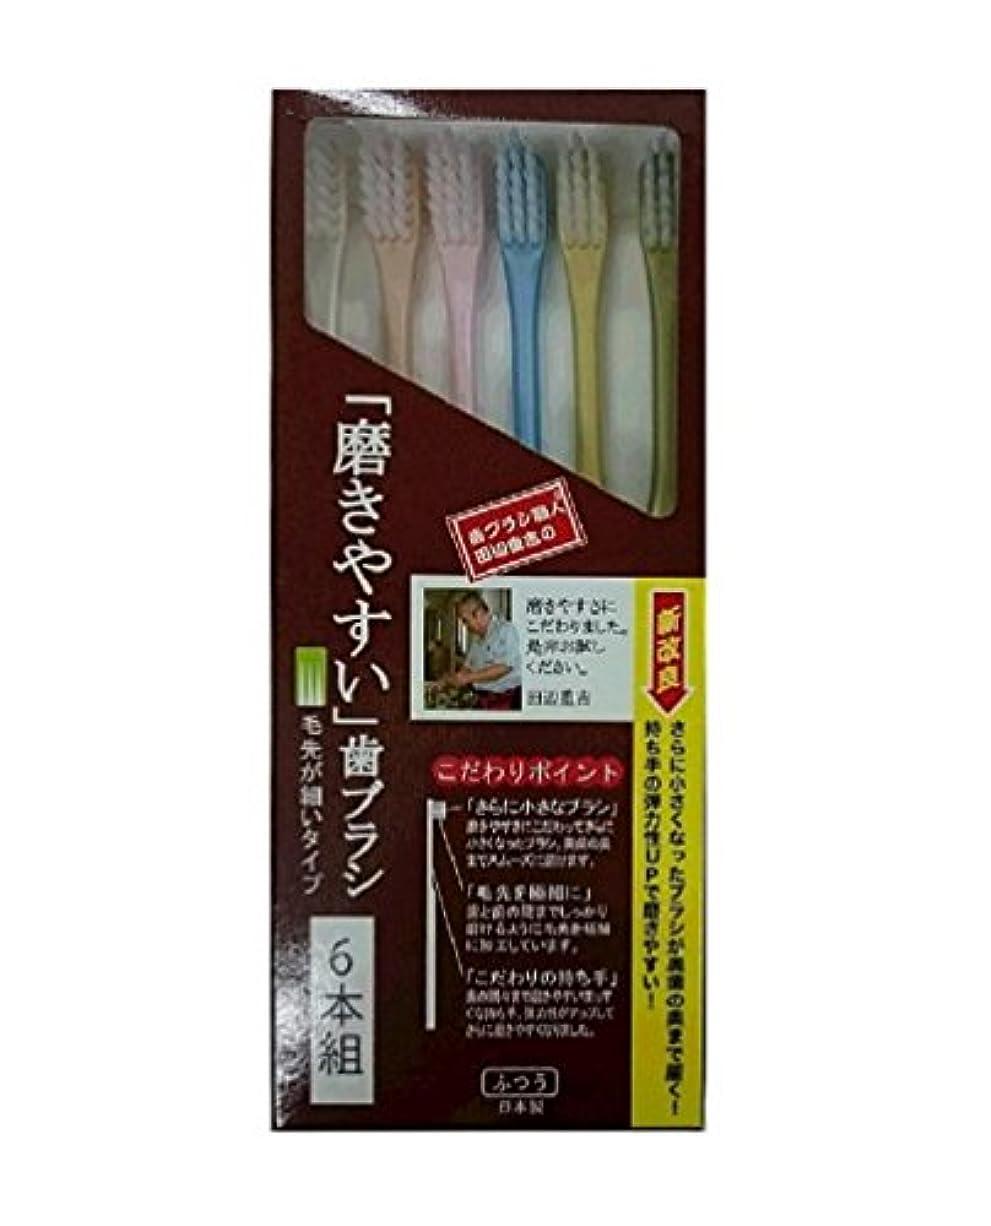 ジョイントピットあなたは歯ブラシ職人 田辺重吉考案 磨きやすい歯ブラシ 先細 6本組